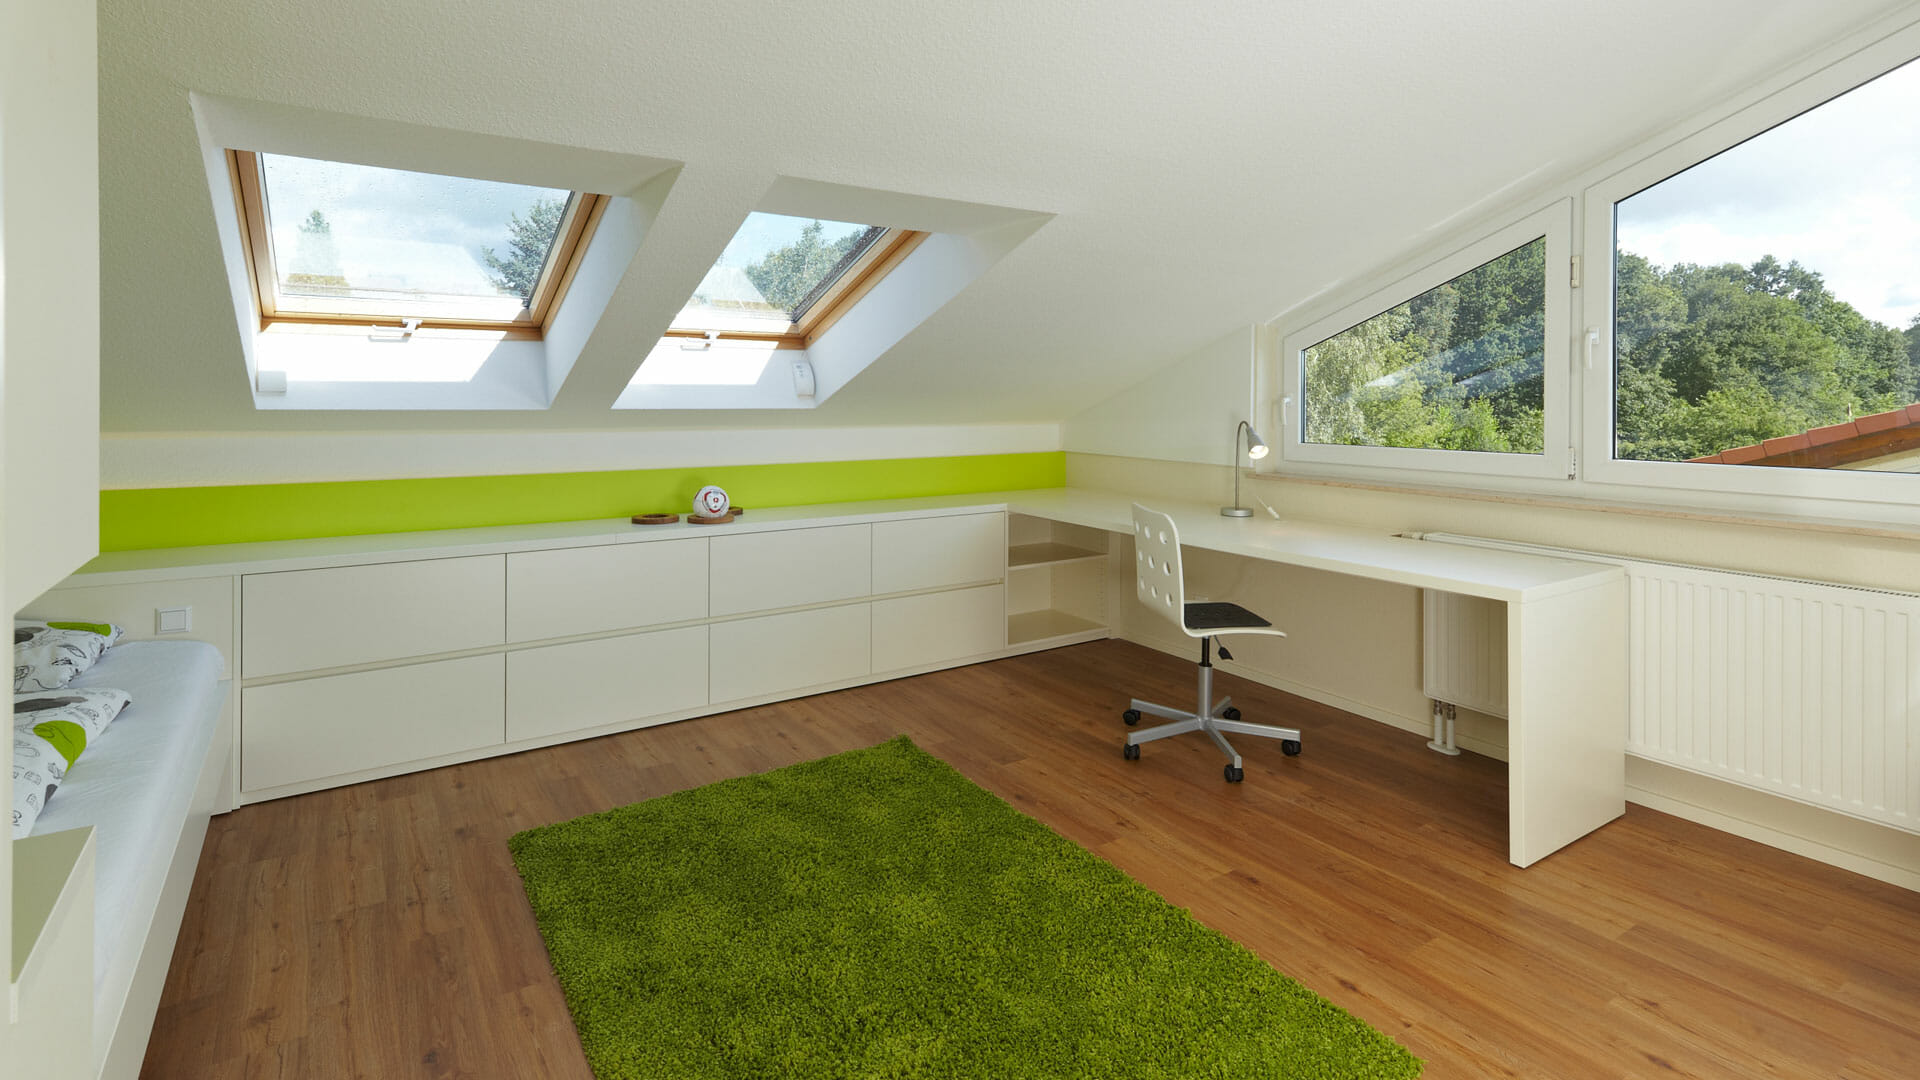 praktische Einbaumöbel für Jugendzimmer | dieMeisterTischler